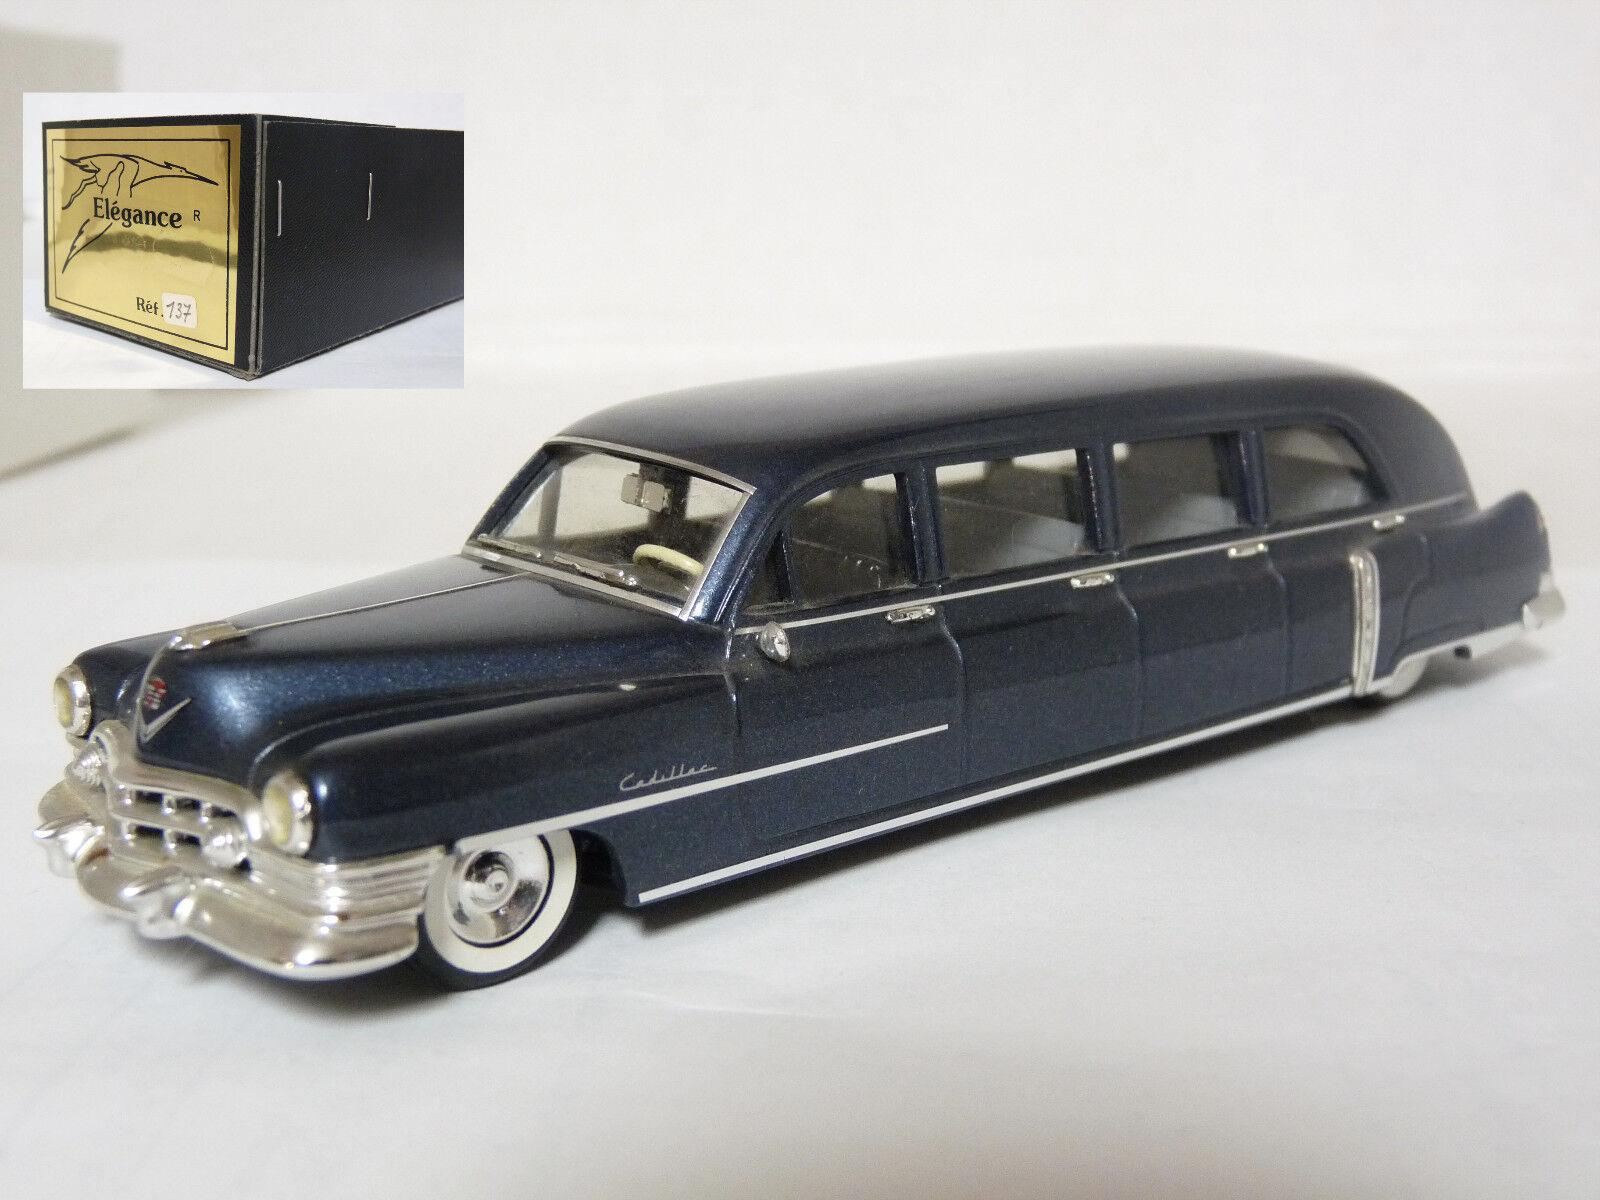 ELEGANCE 137 1 43'50 ILLAC 8-Porte Airport Limousine résine fait main modèle voiture